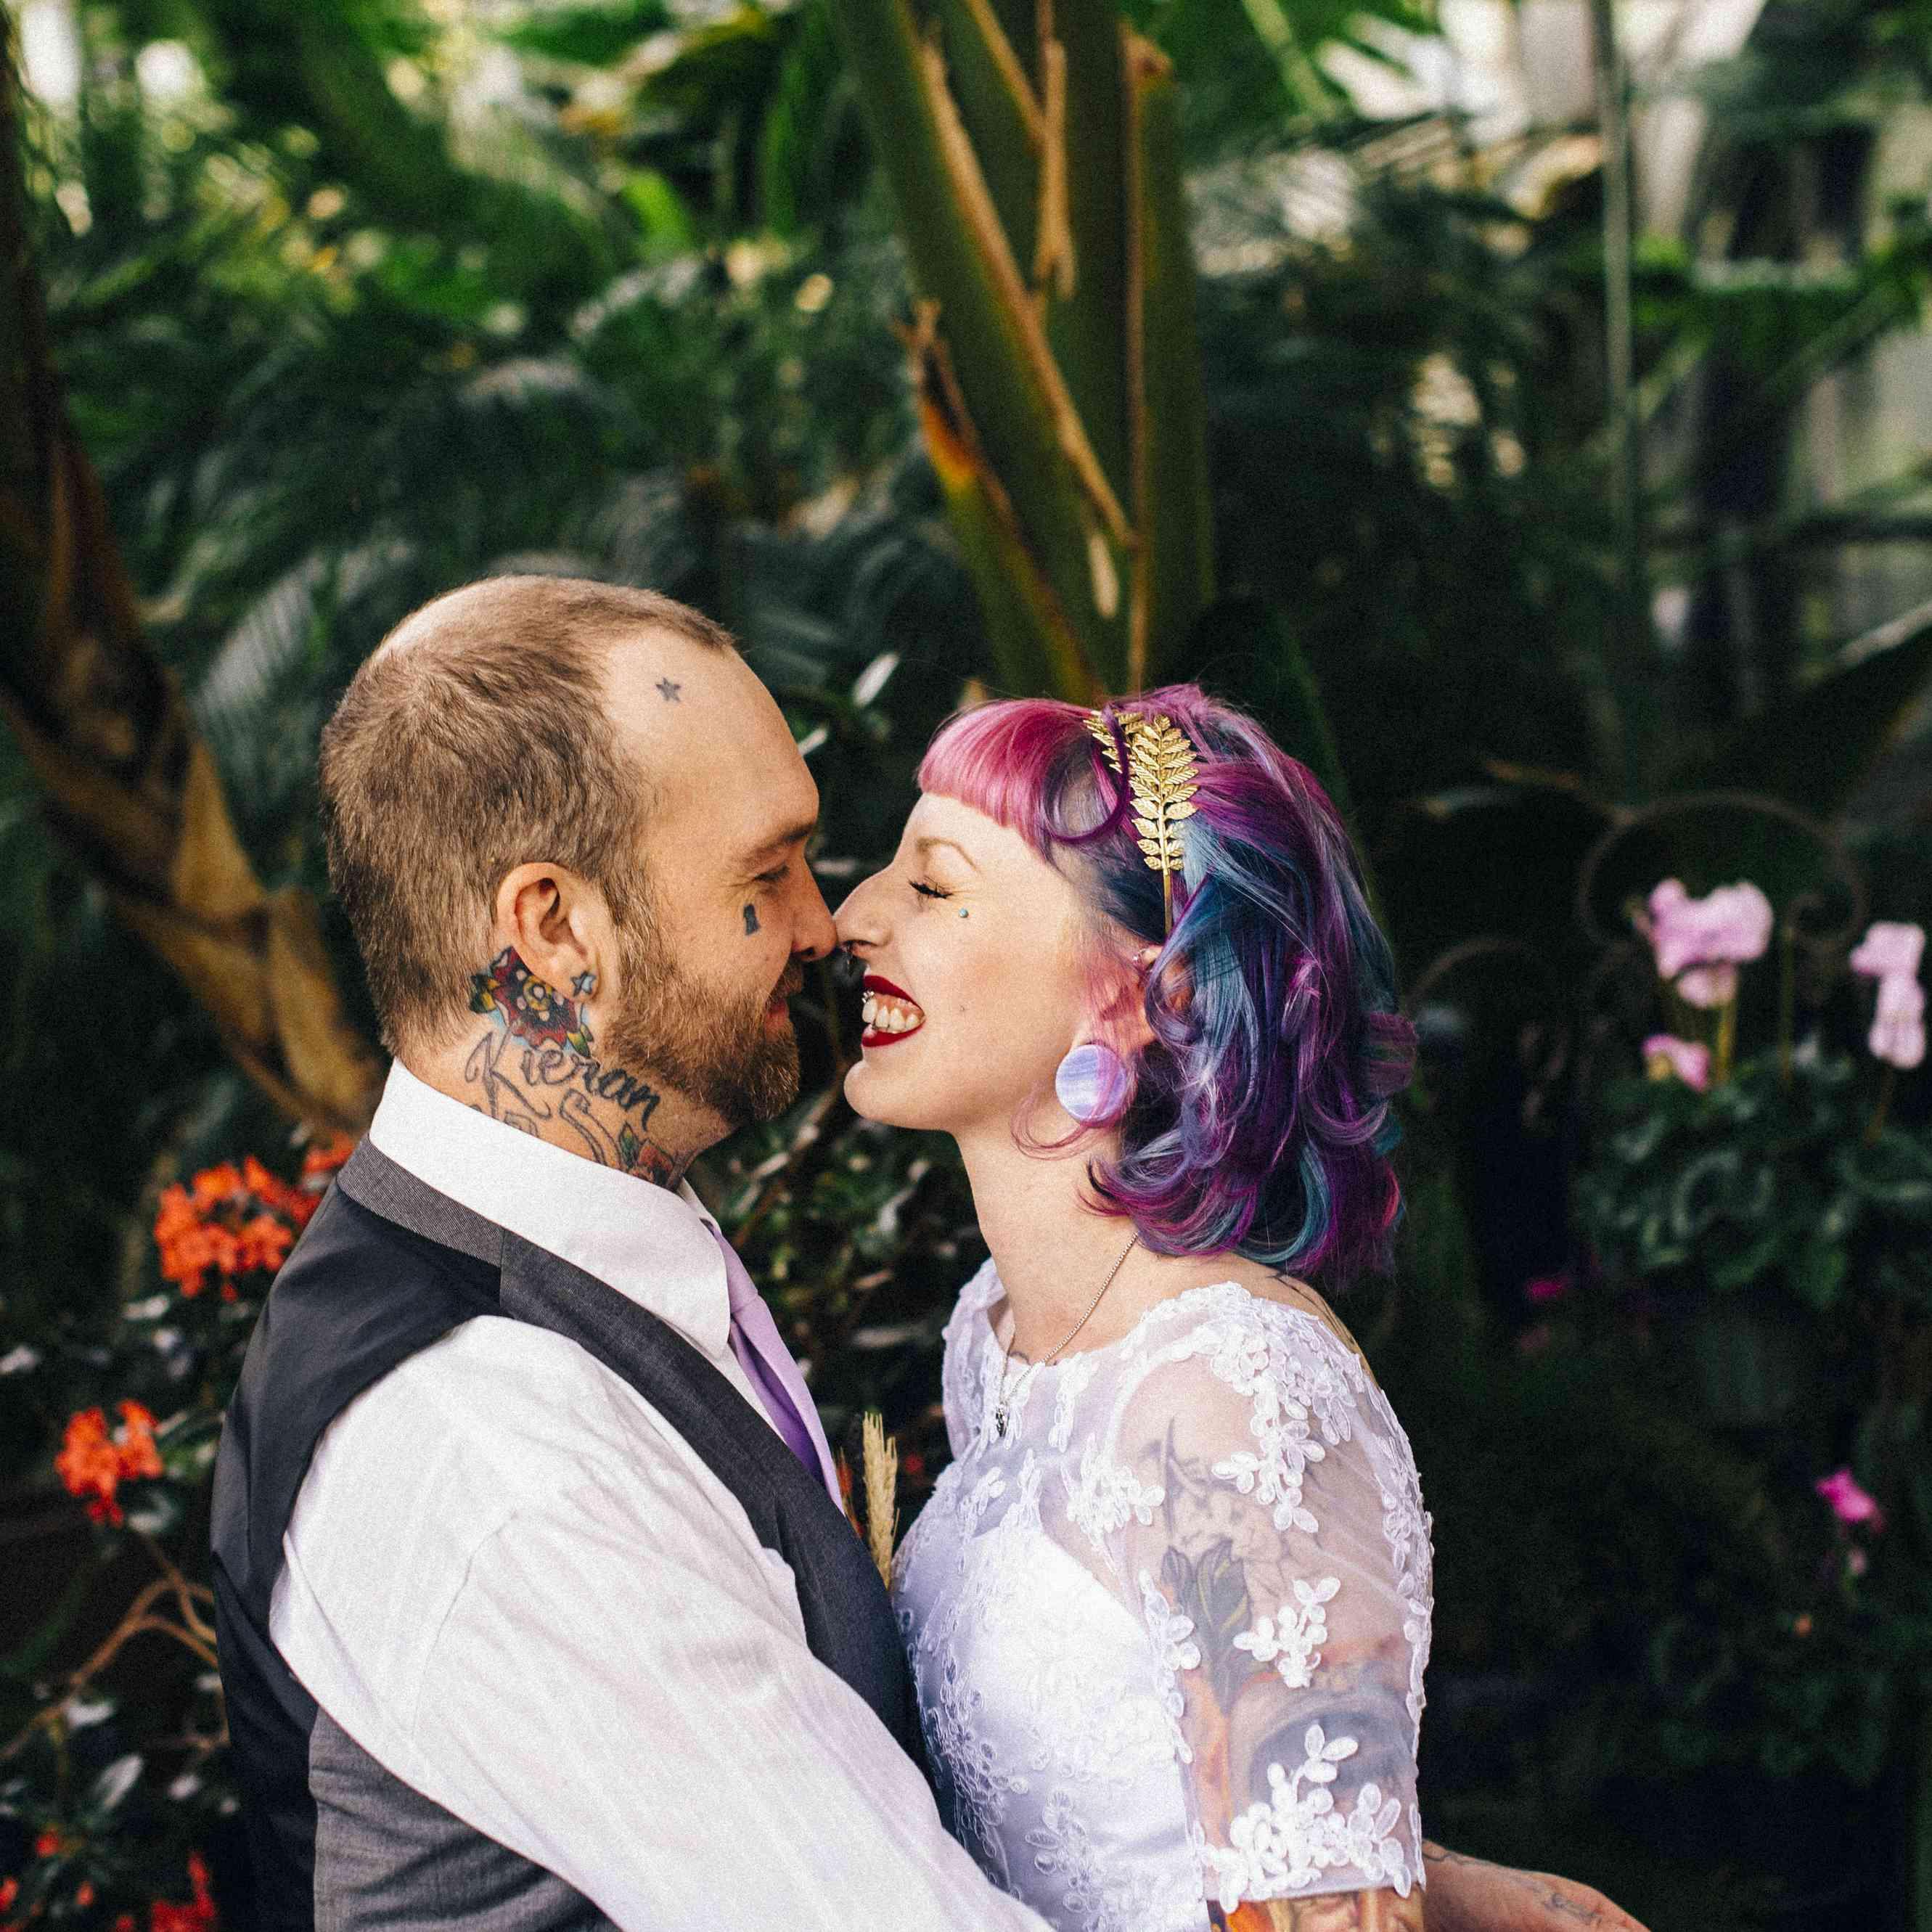 Bride with rainbow hair and groom